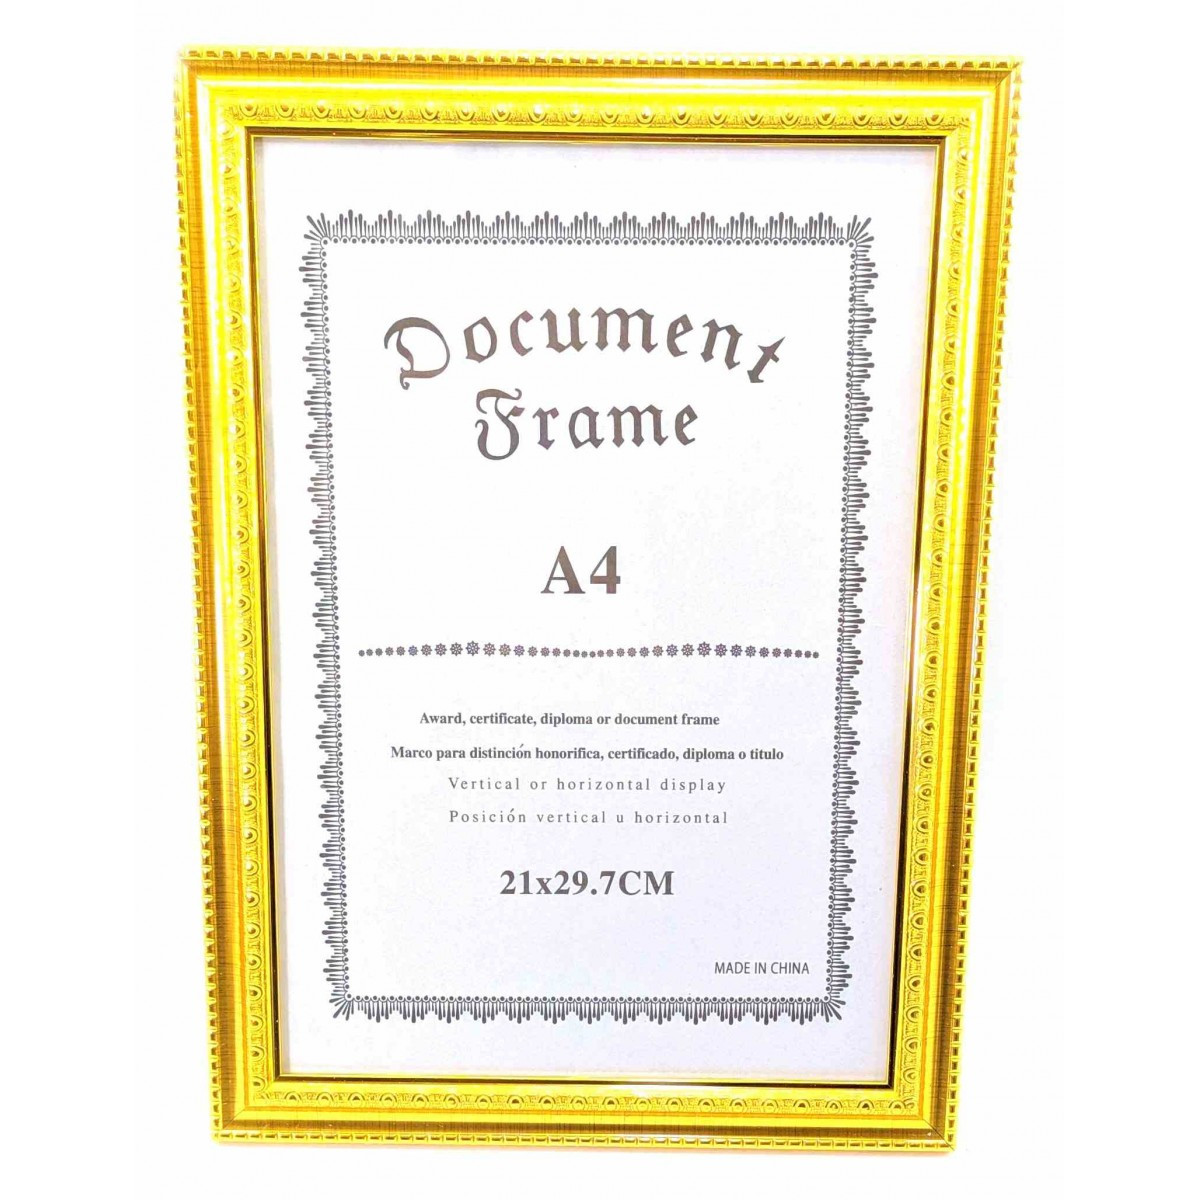 Фоторамка для сертификатов, грамот, дипломов